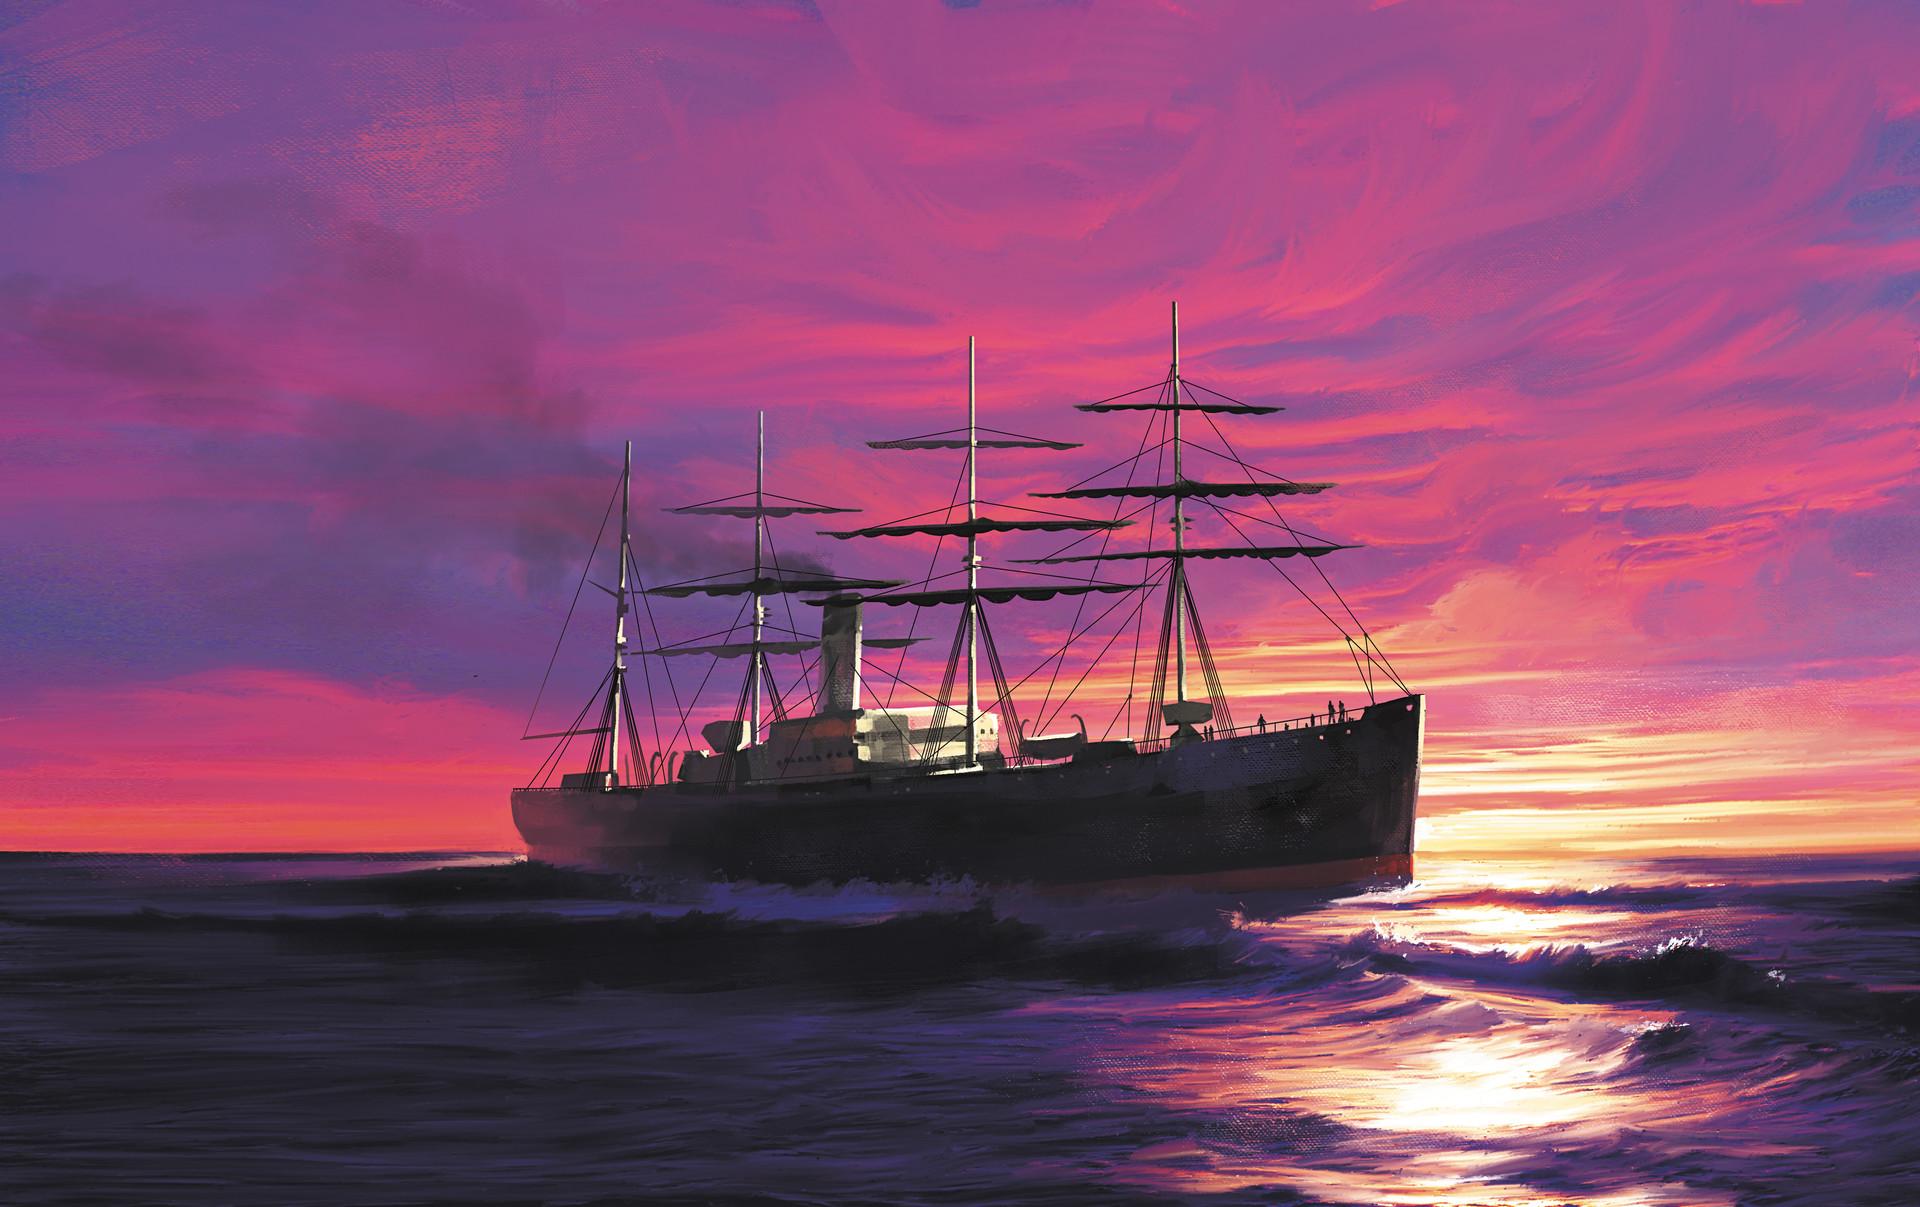 Dominik mayer 1871 atlantic 03